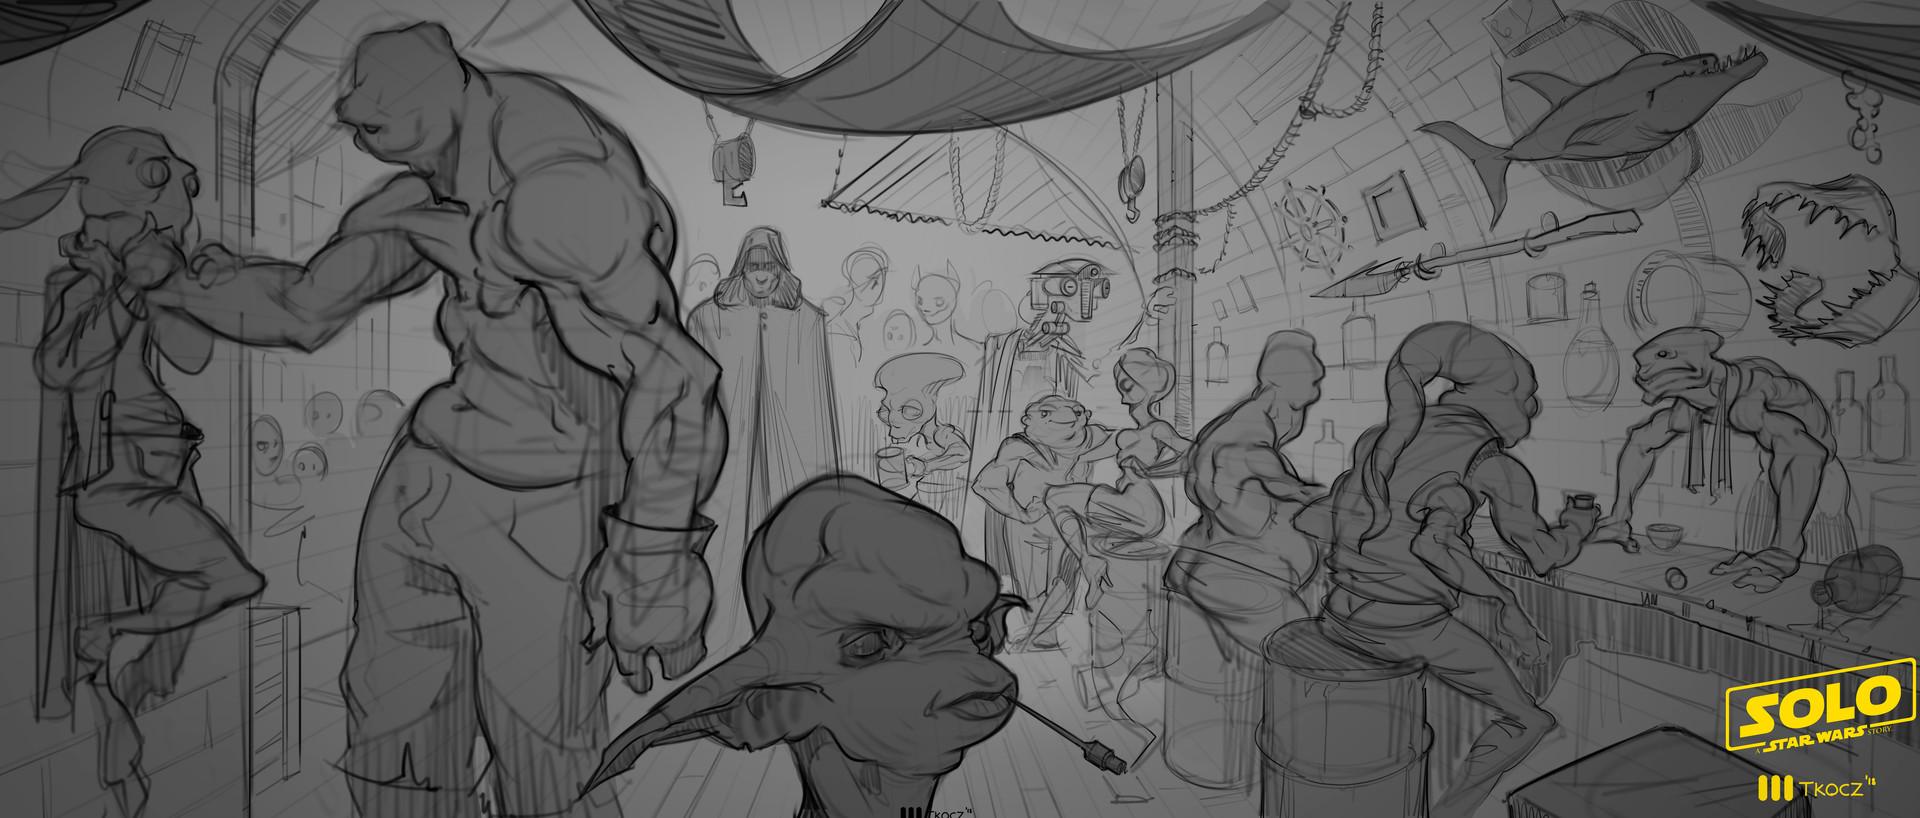 Matt tkocz pub sketch1